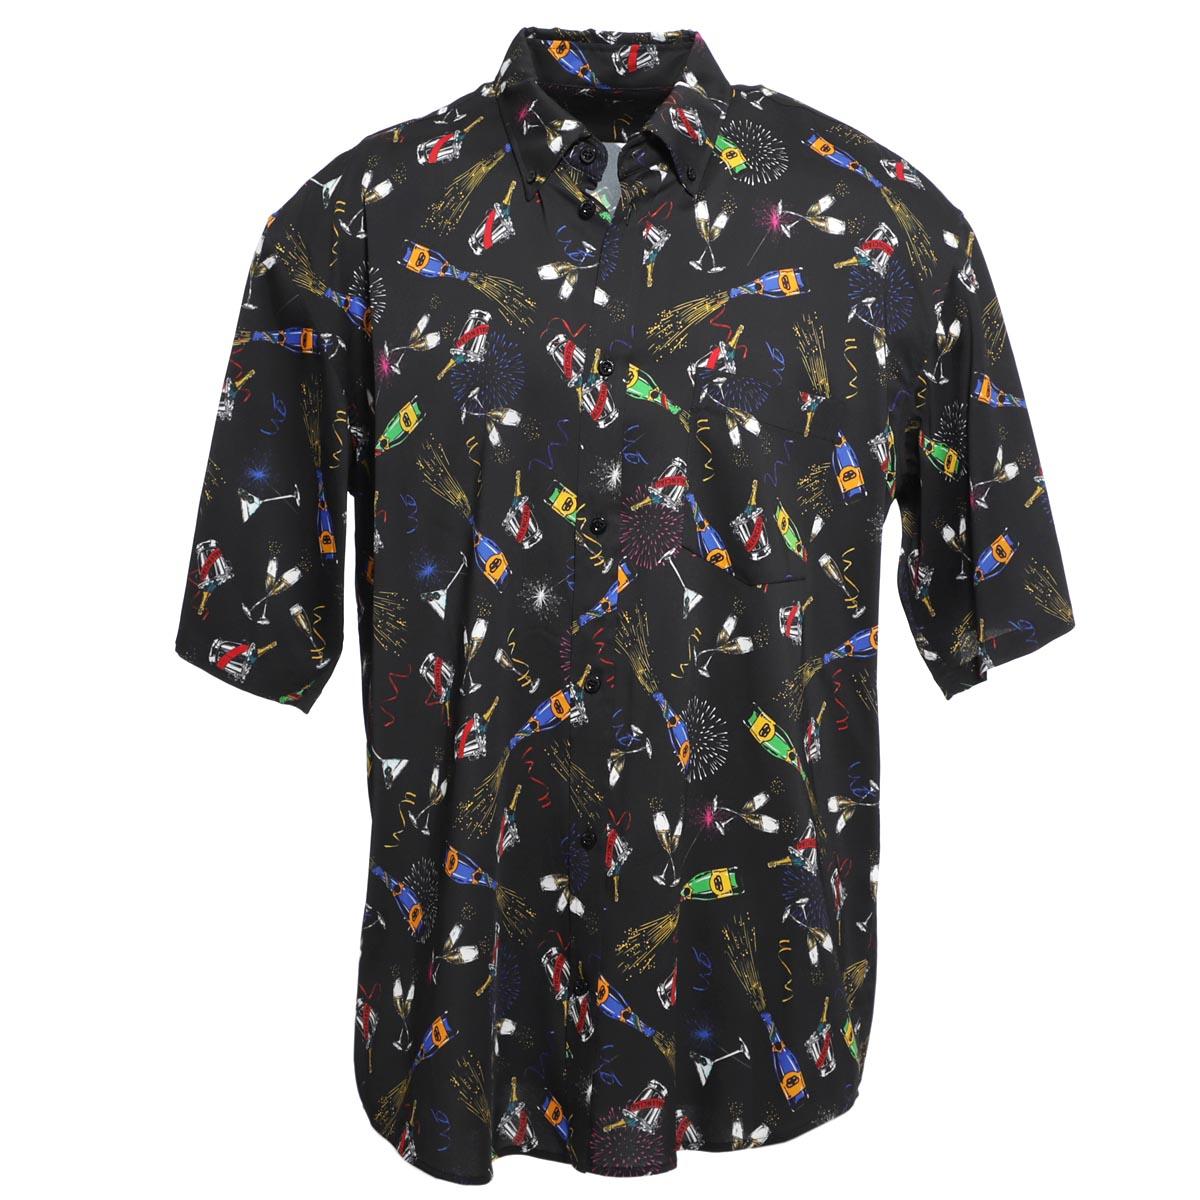 バレンシアガ BALENCIAGA ボタンダウンシャツ ブラック メンズ シャツ カジュアル 595250 tglf2 1000 GRAPHIC SHIRT【あす楽対応_関東】【返品送料無料】【ラッピング無料】